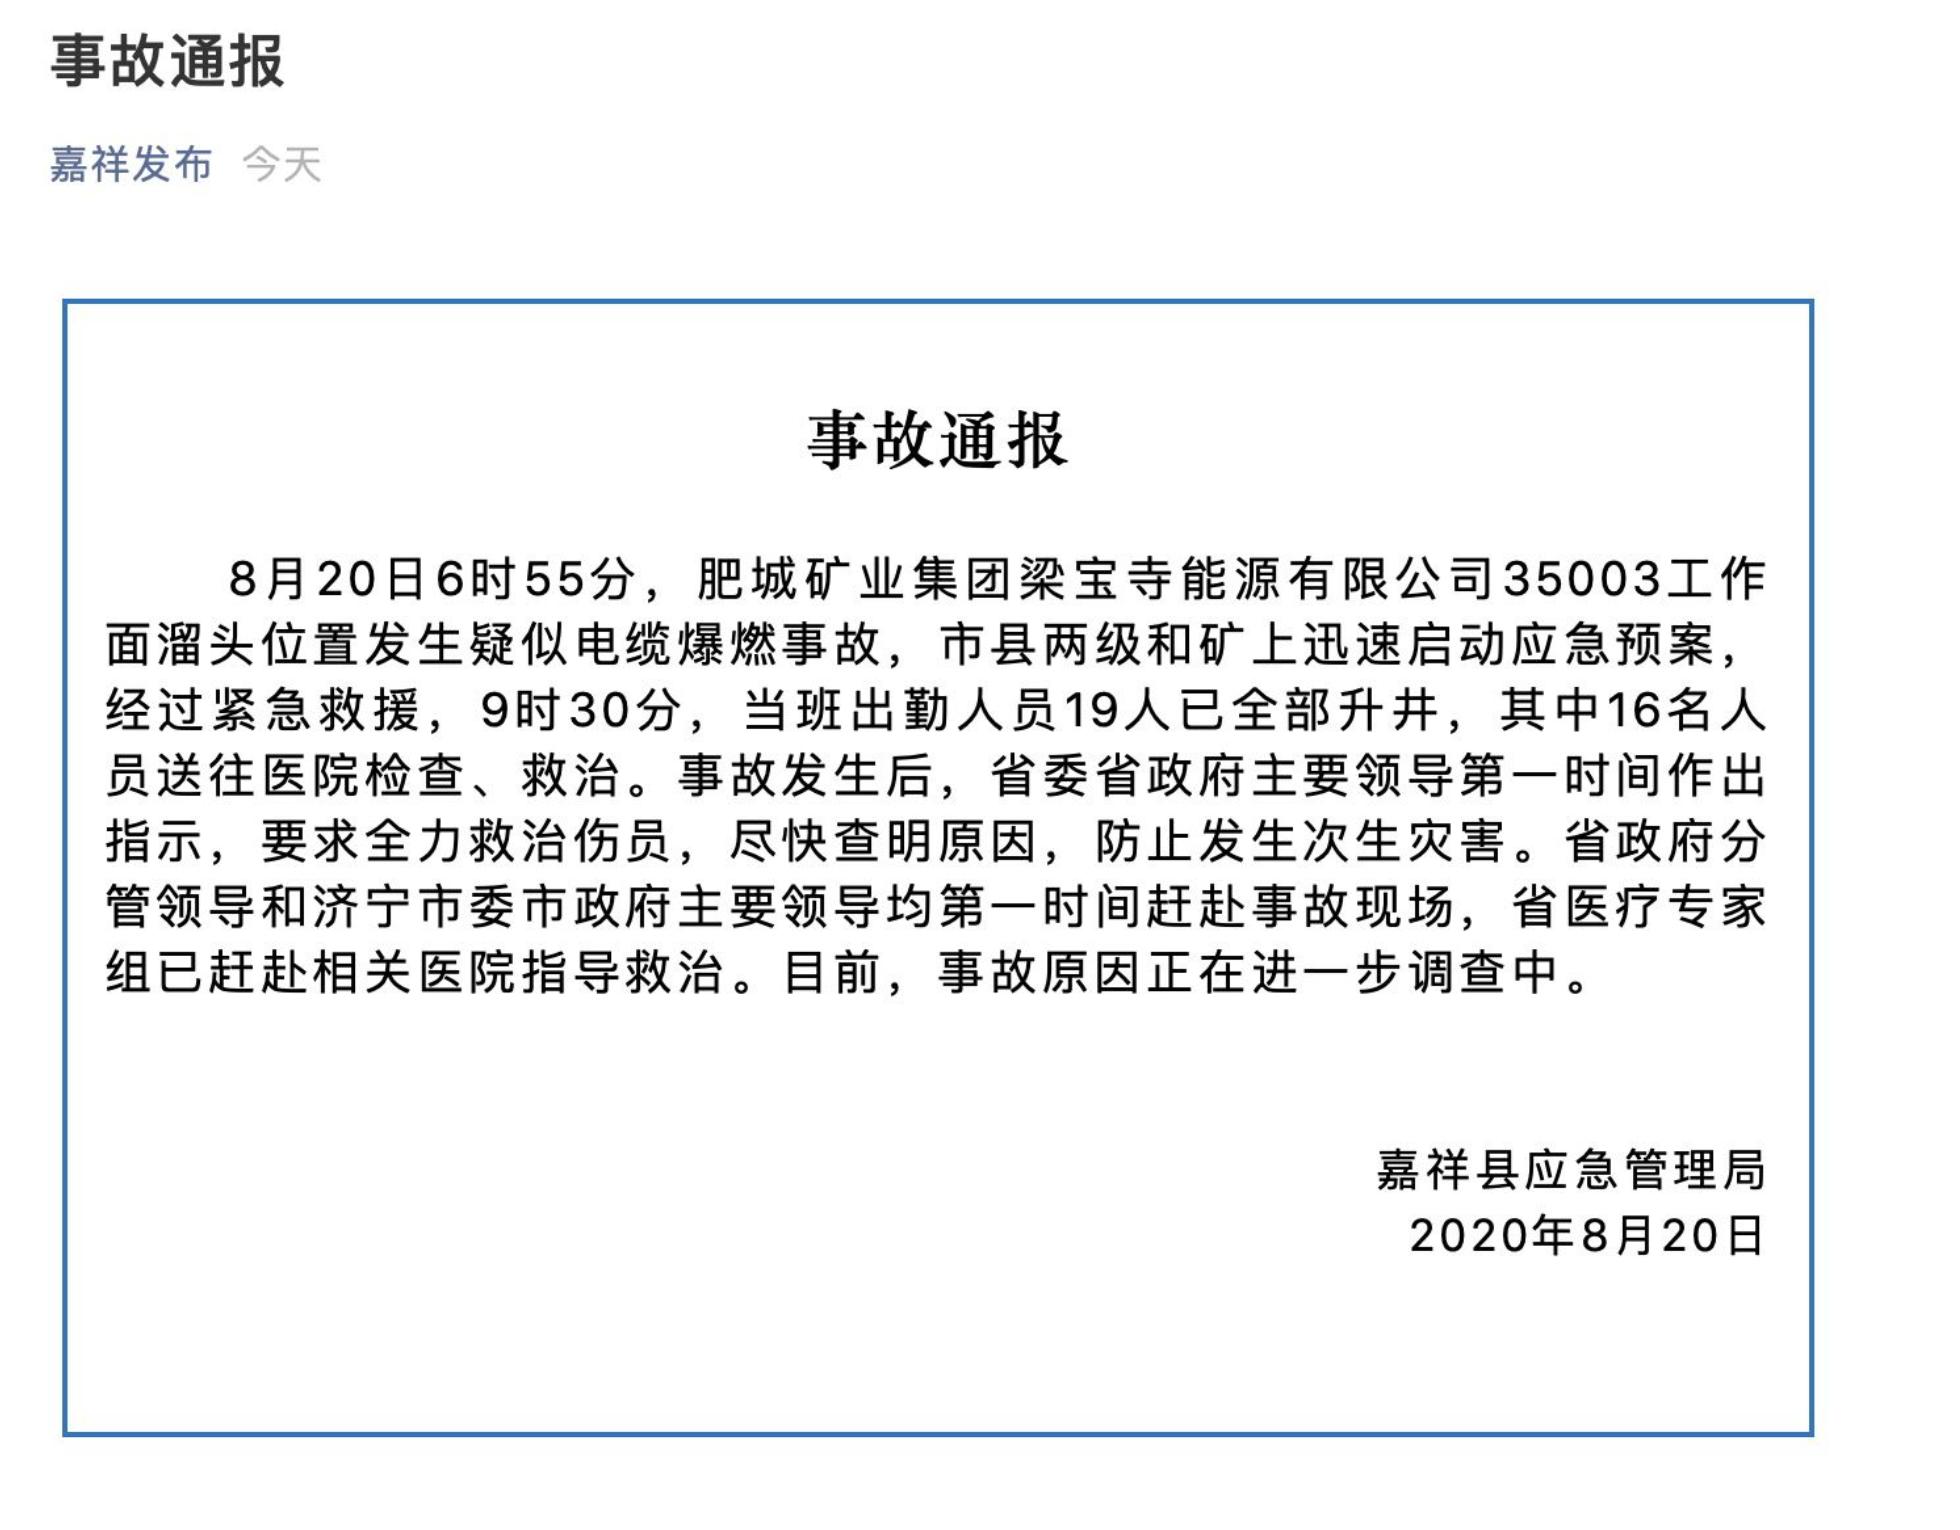 山东肥城矿业集团梁宝寺能源公司发生疑似电缆爆燃事故 当班出勤人员19人已全部升井